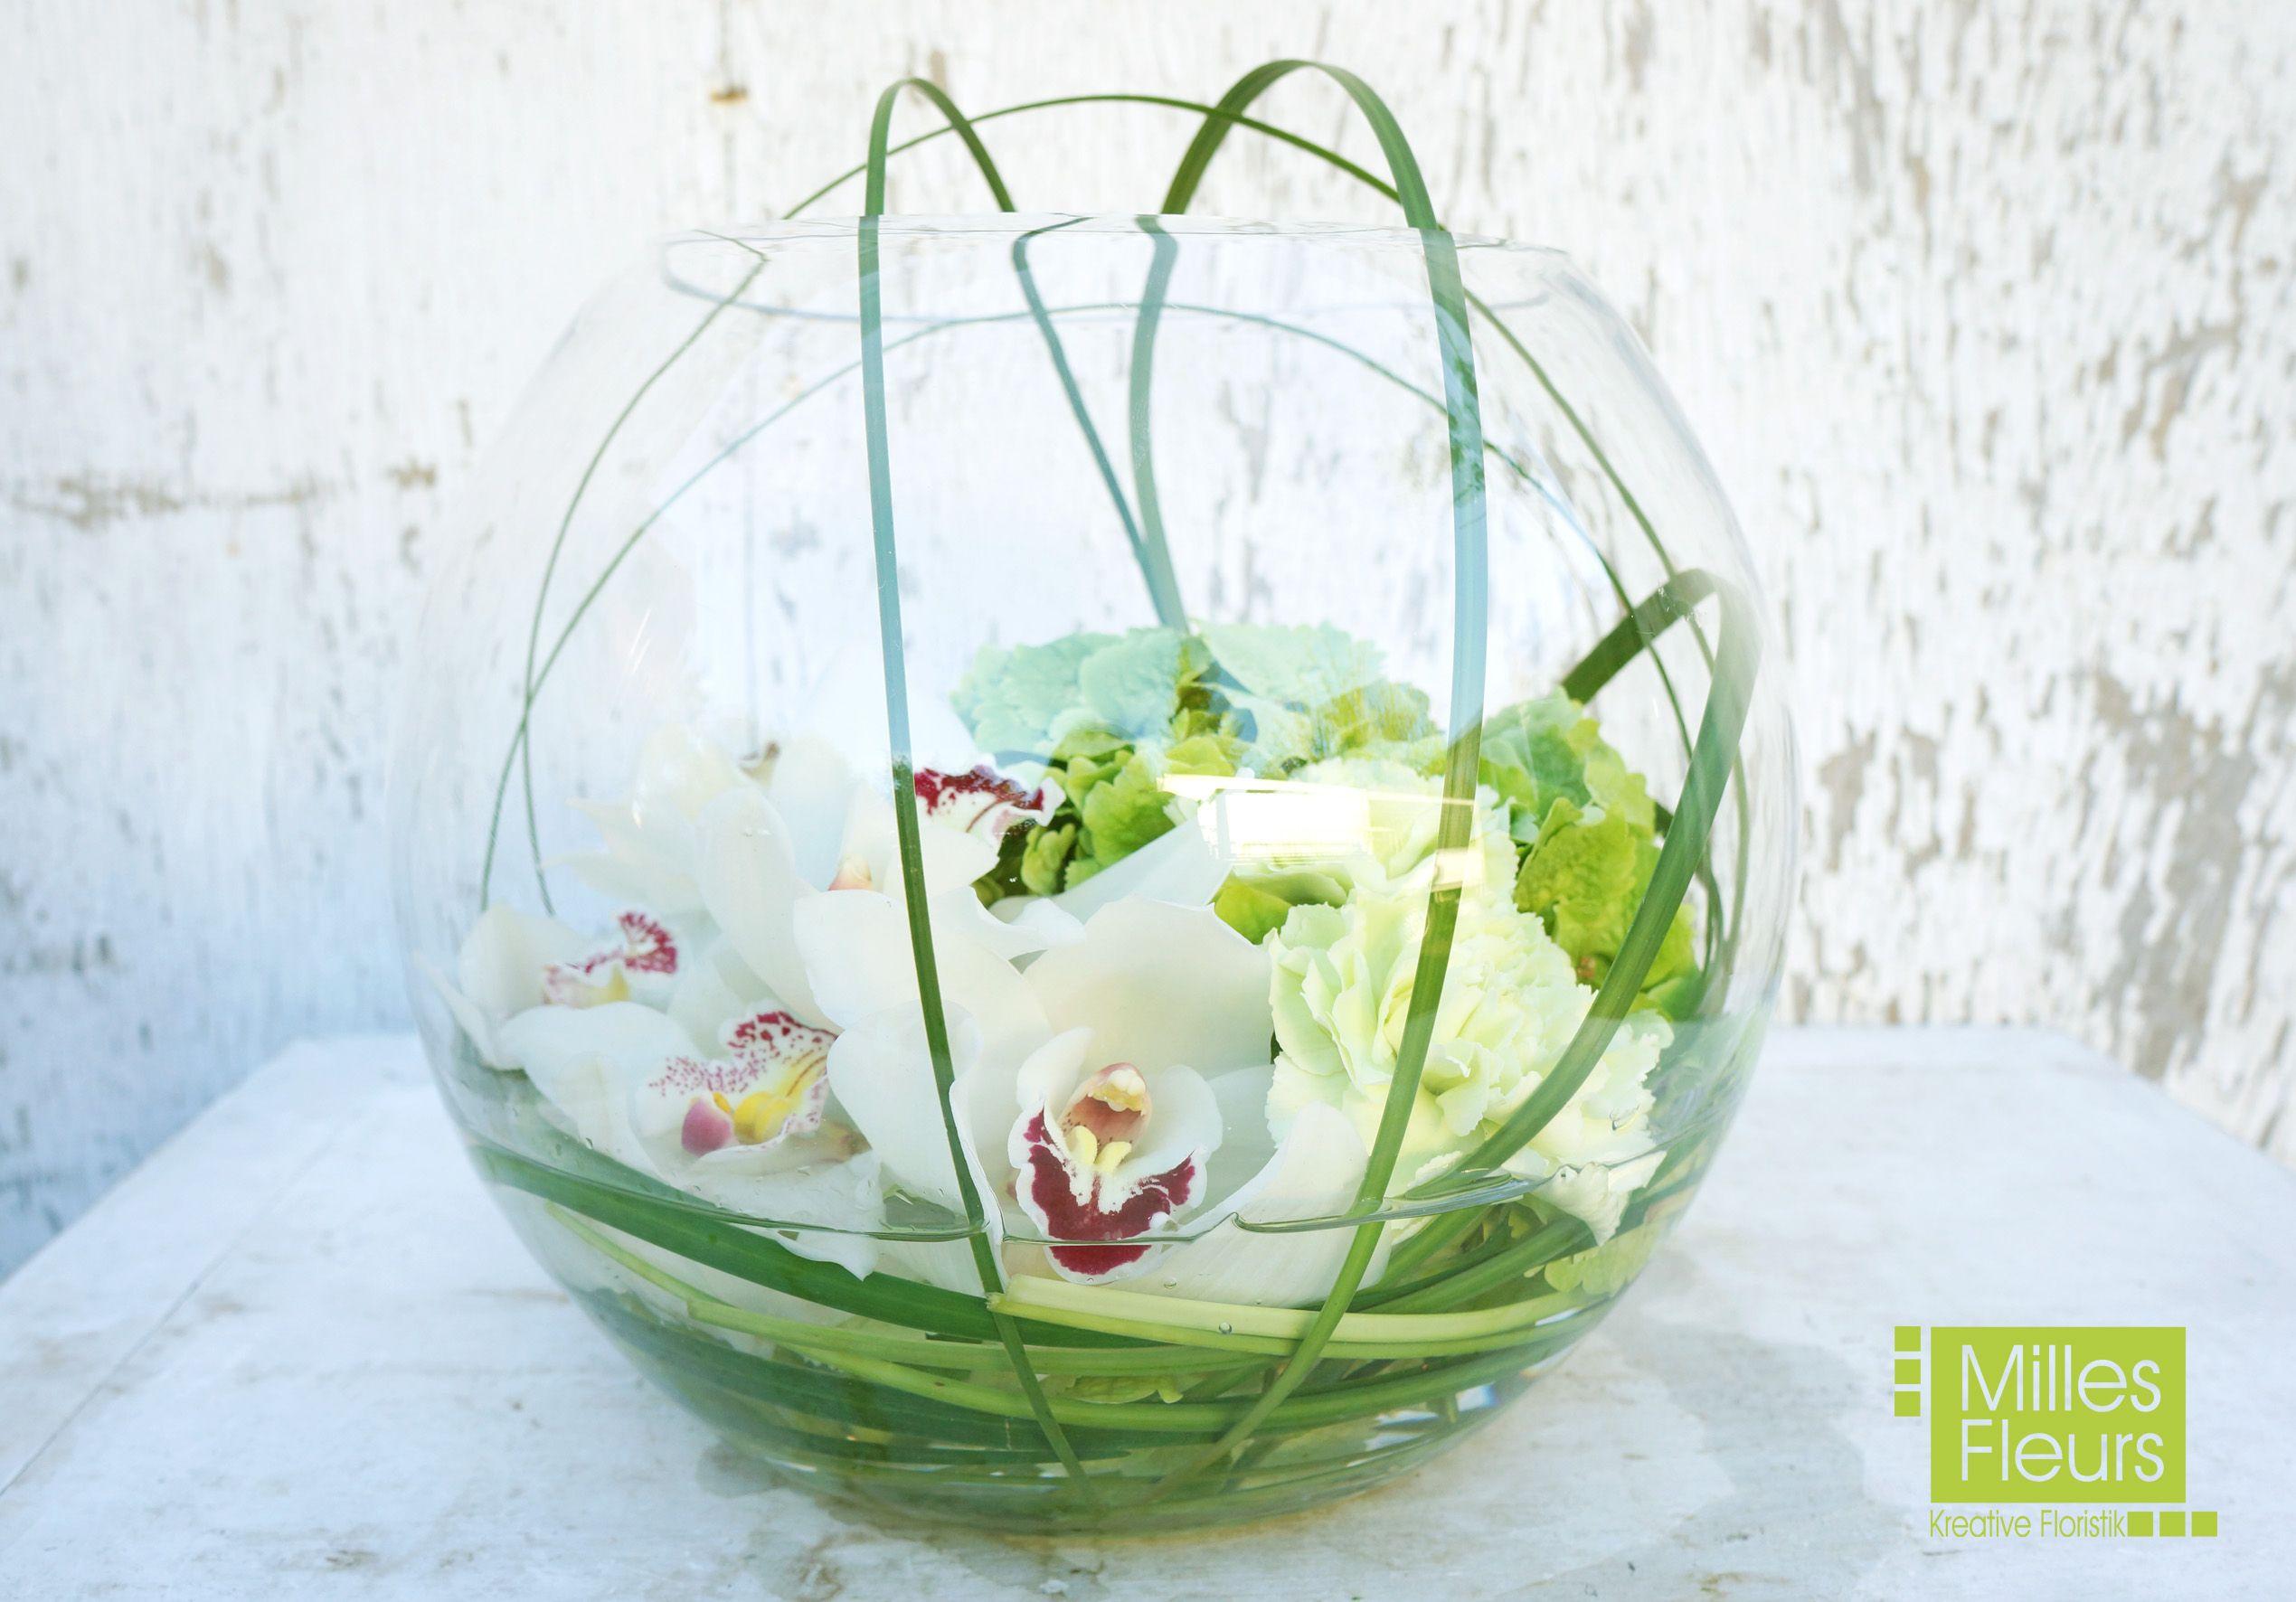 Counter Dekoration Orchideen Cymbidien Kugelvase Glas Milles